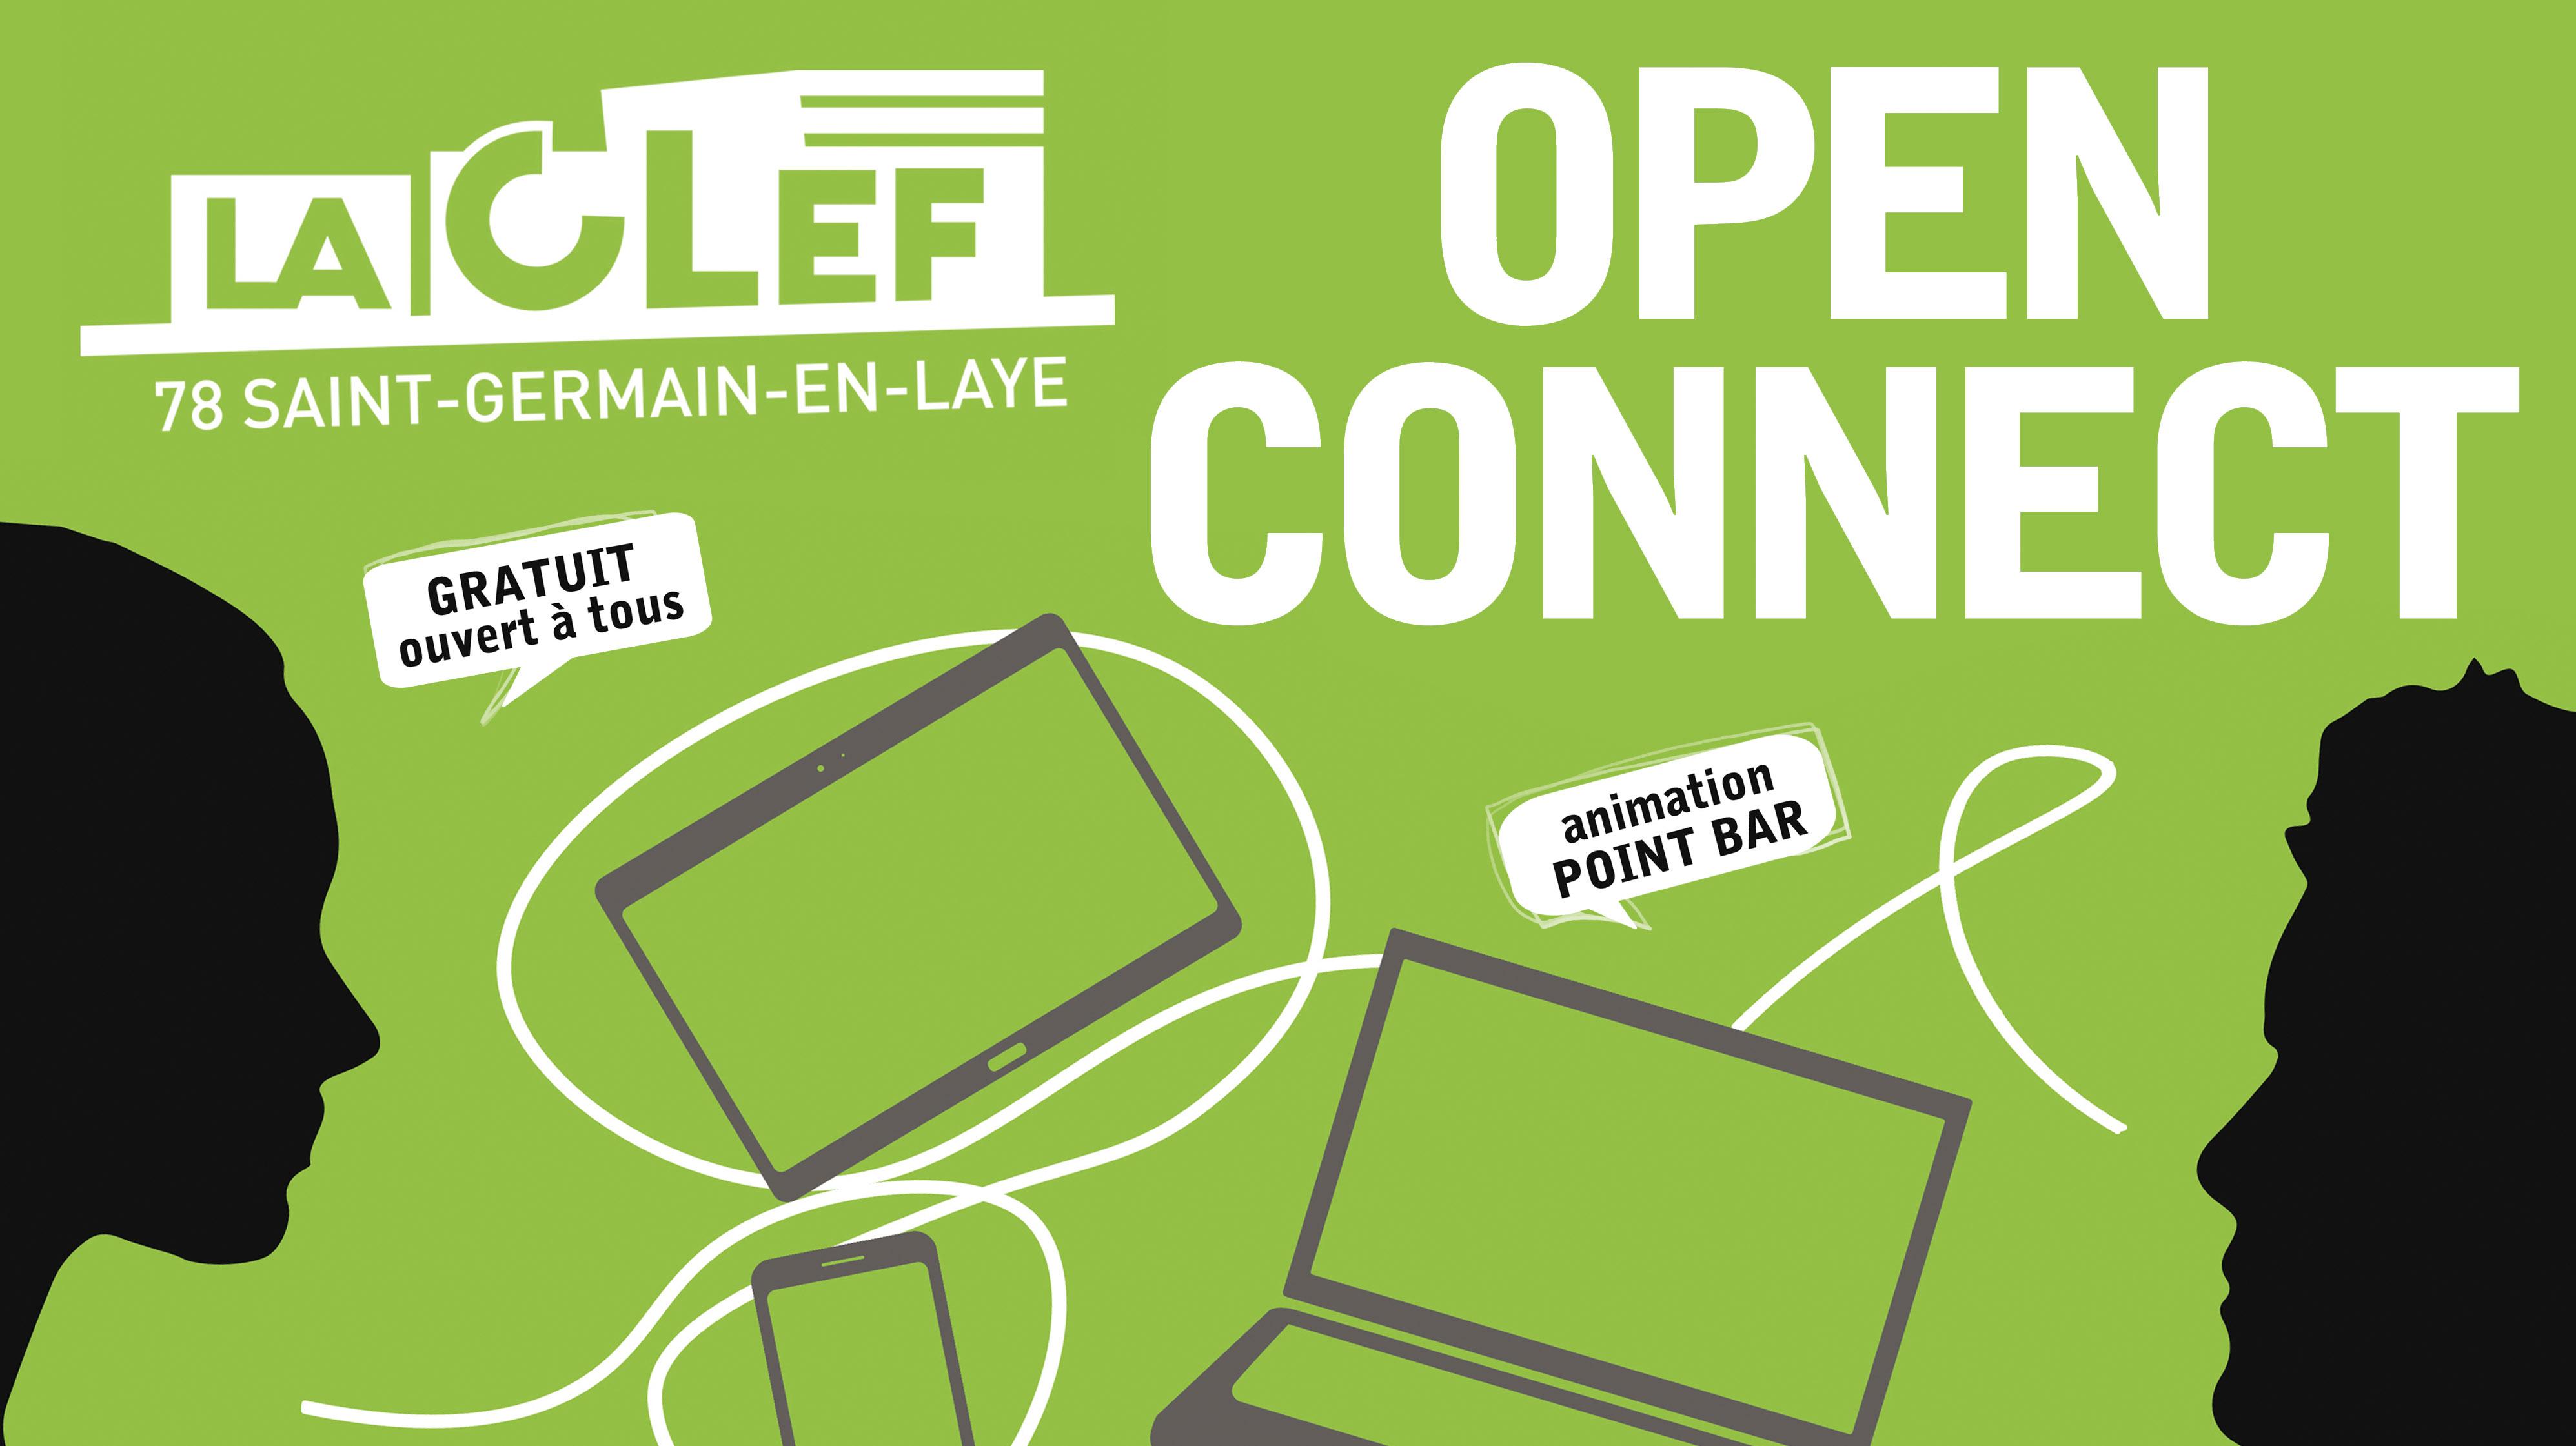 La CLEF : Open Connect / Echange de savoir-faire numériques